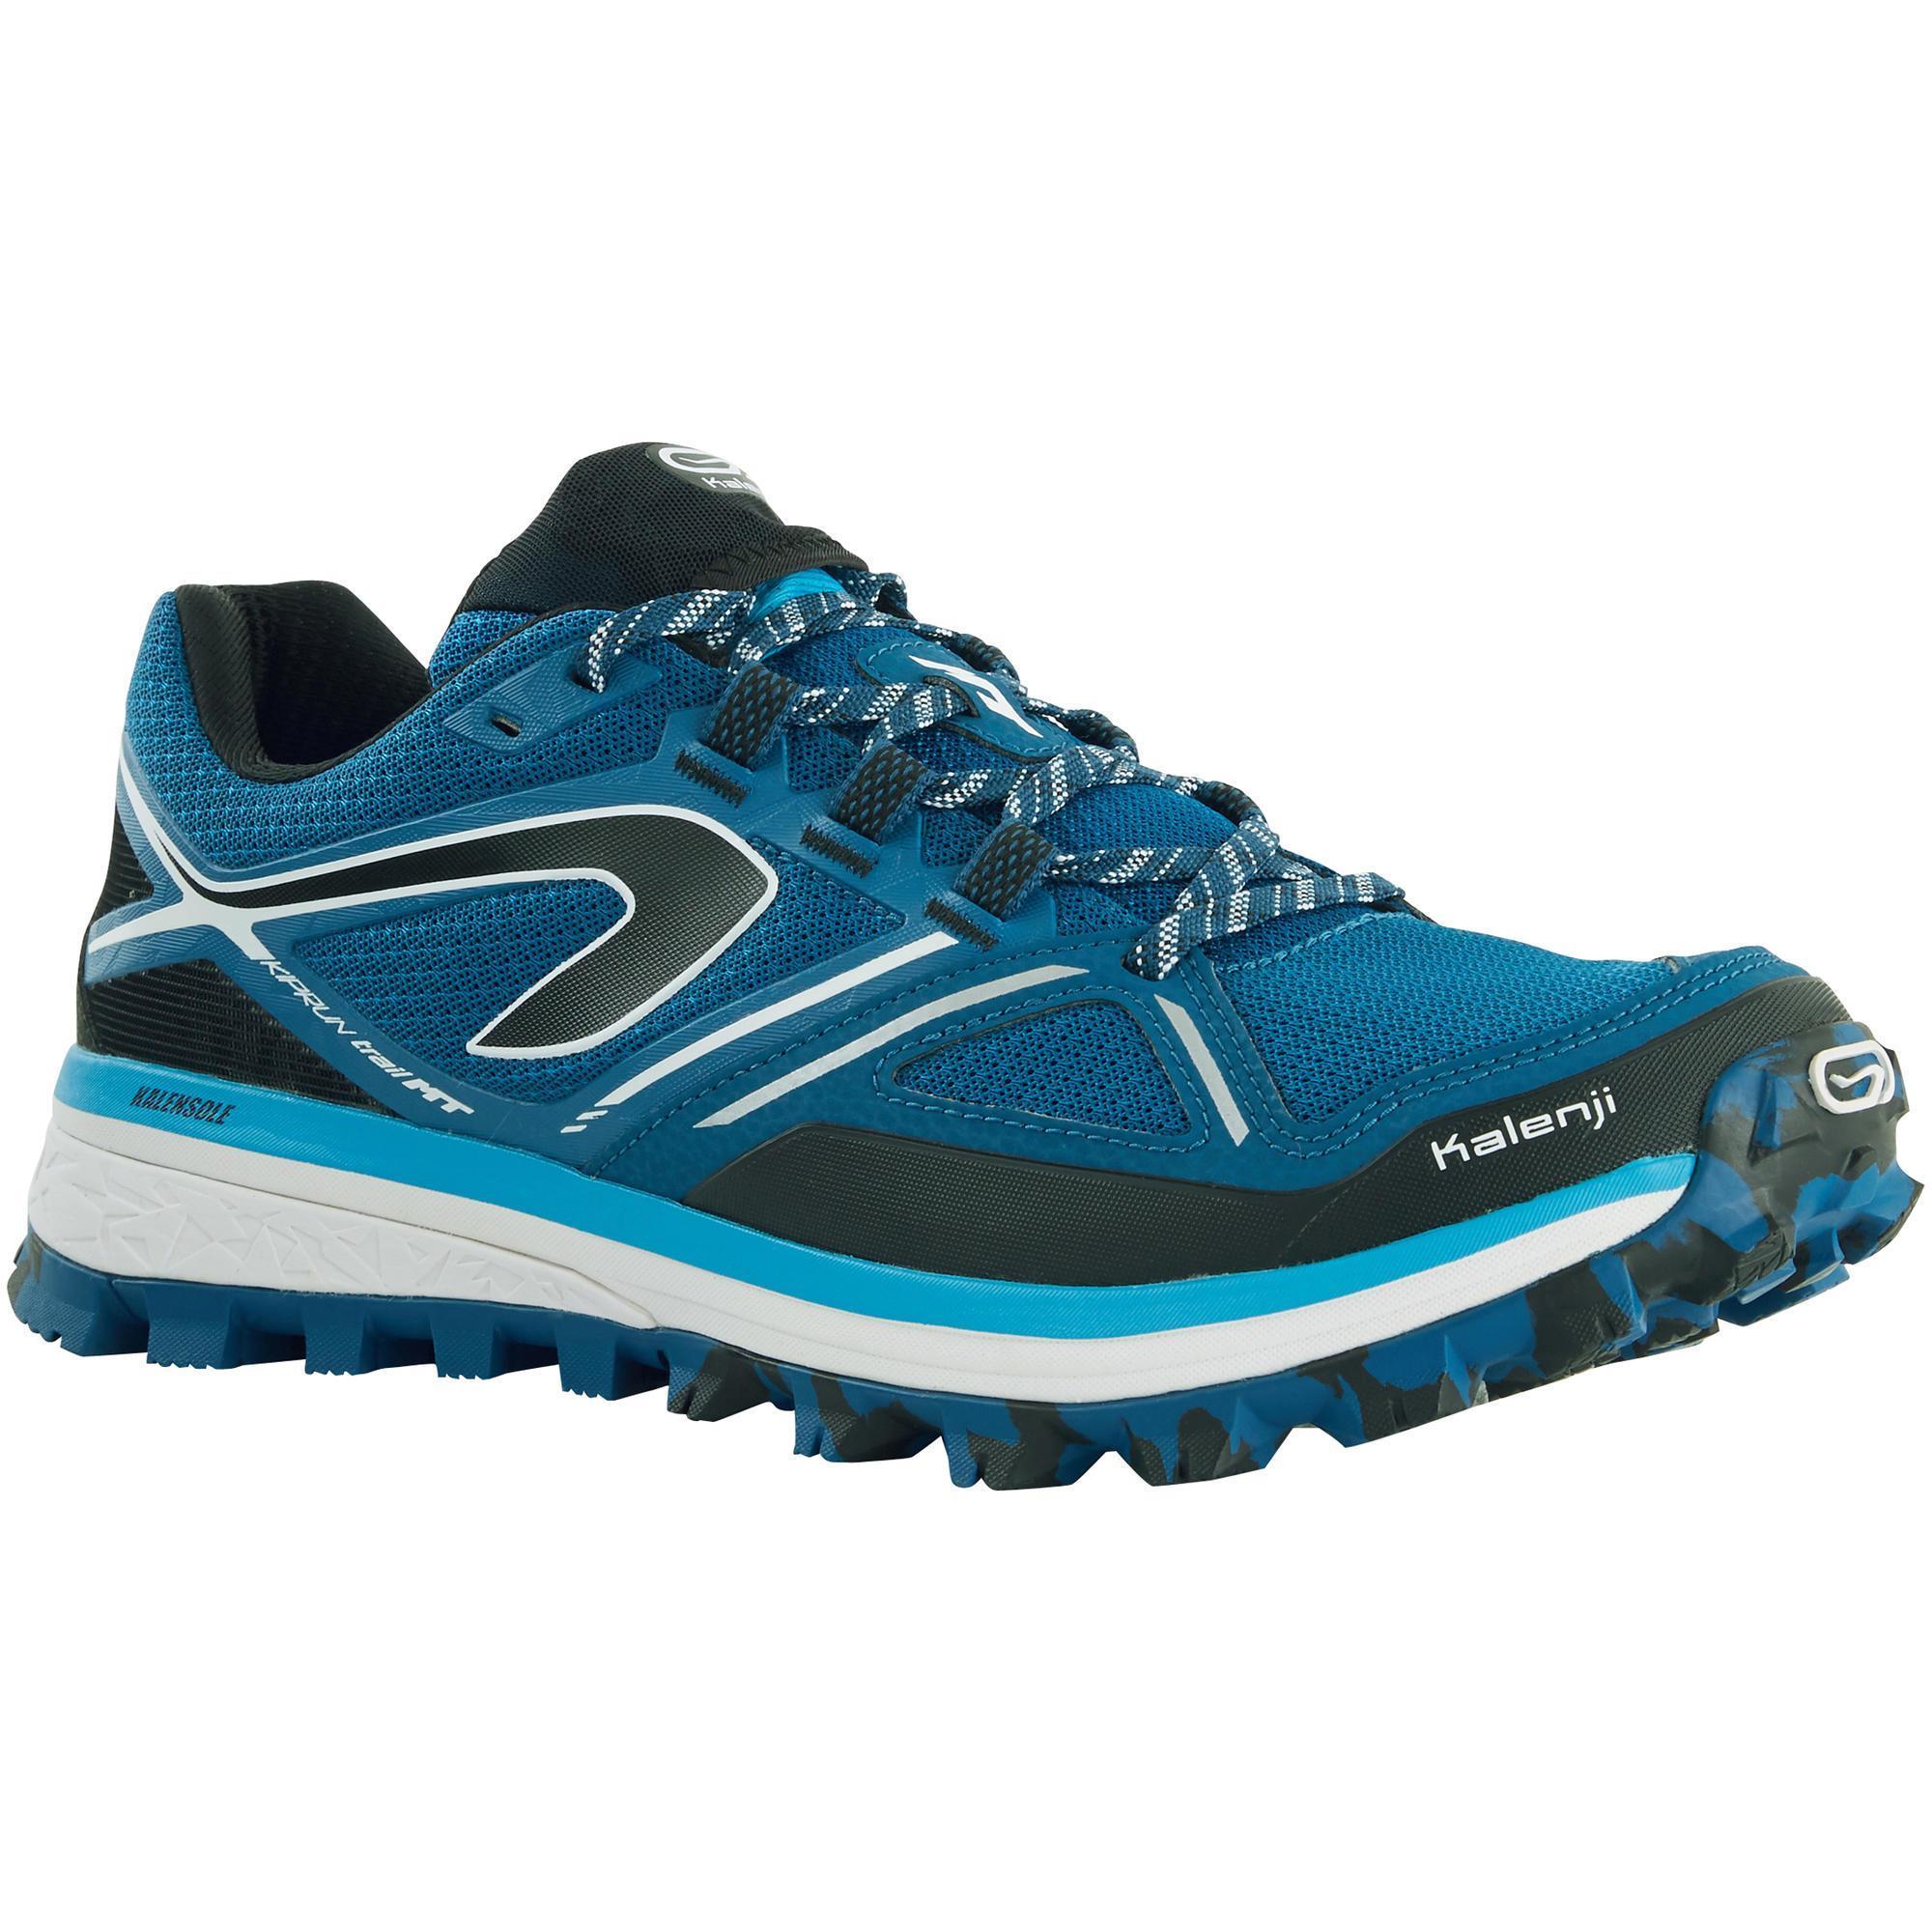 meilleur authentique rechercher le dernier livraison gratuite Chaussures trail pour homme | Decathlon